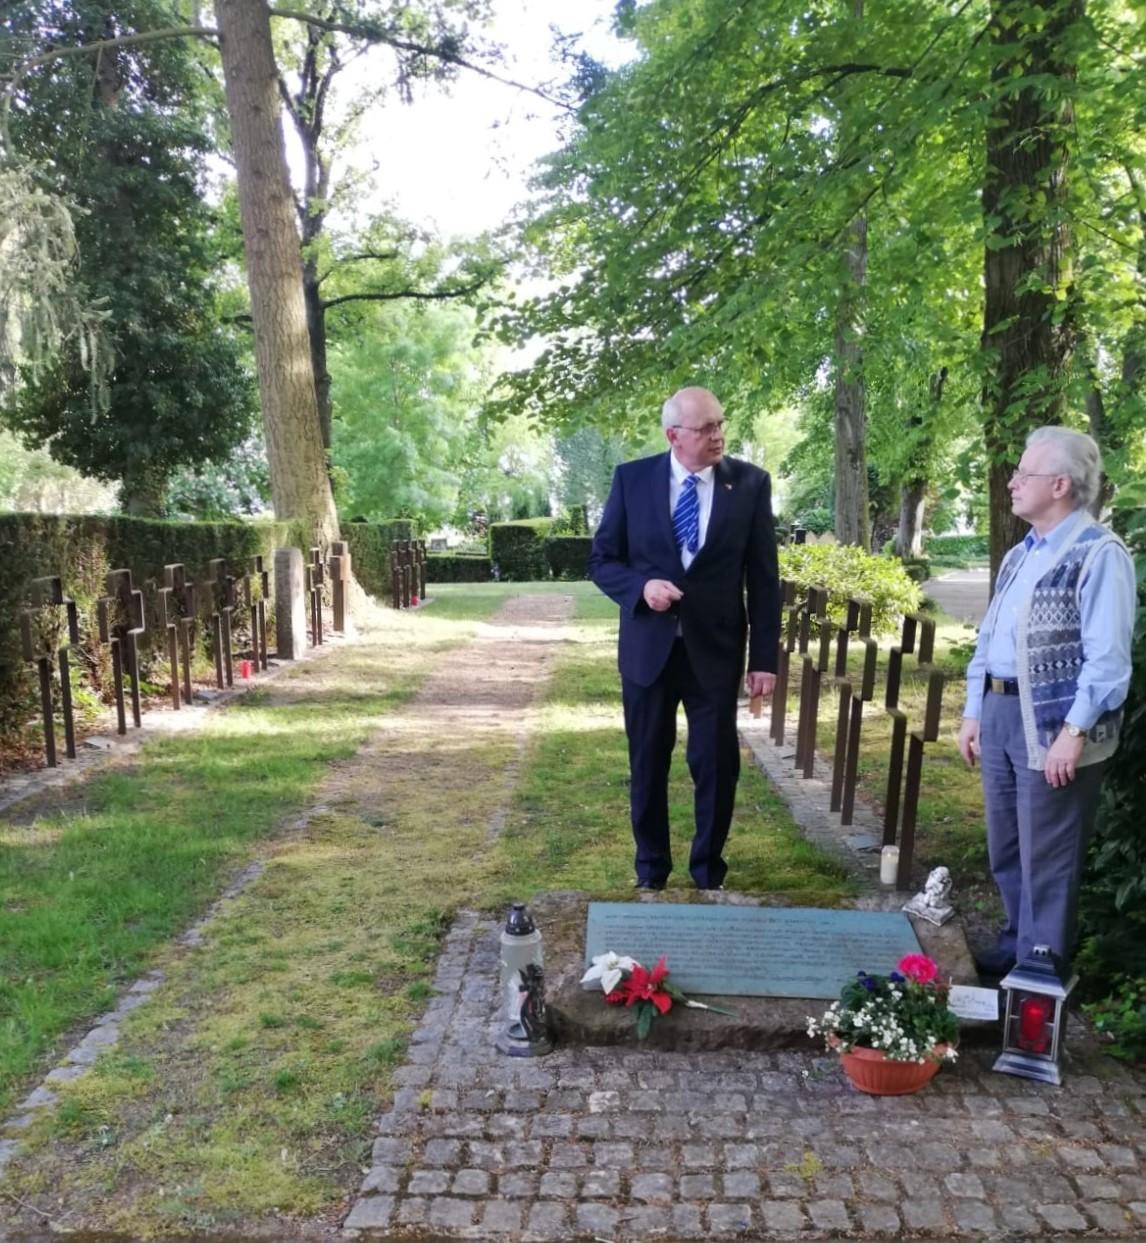 M. Cieszynski und W. Philipp am Gedenkstein